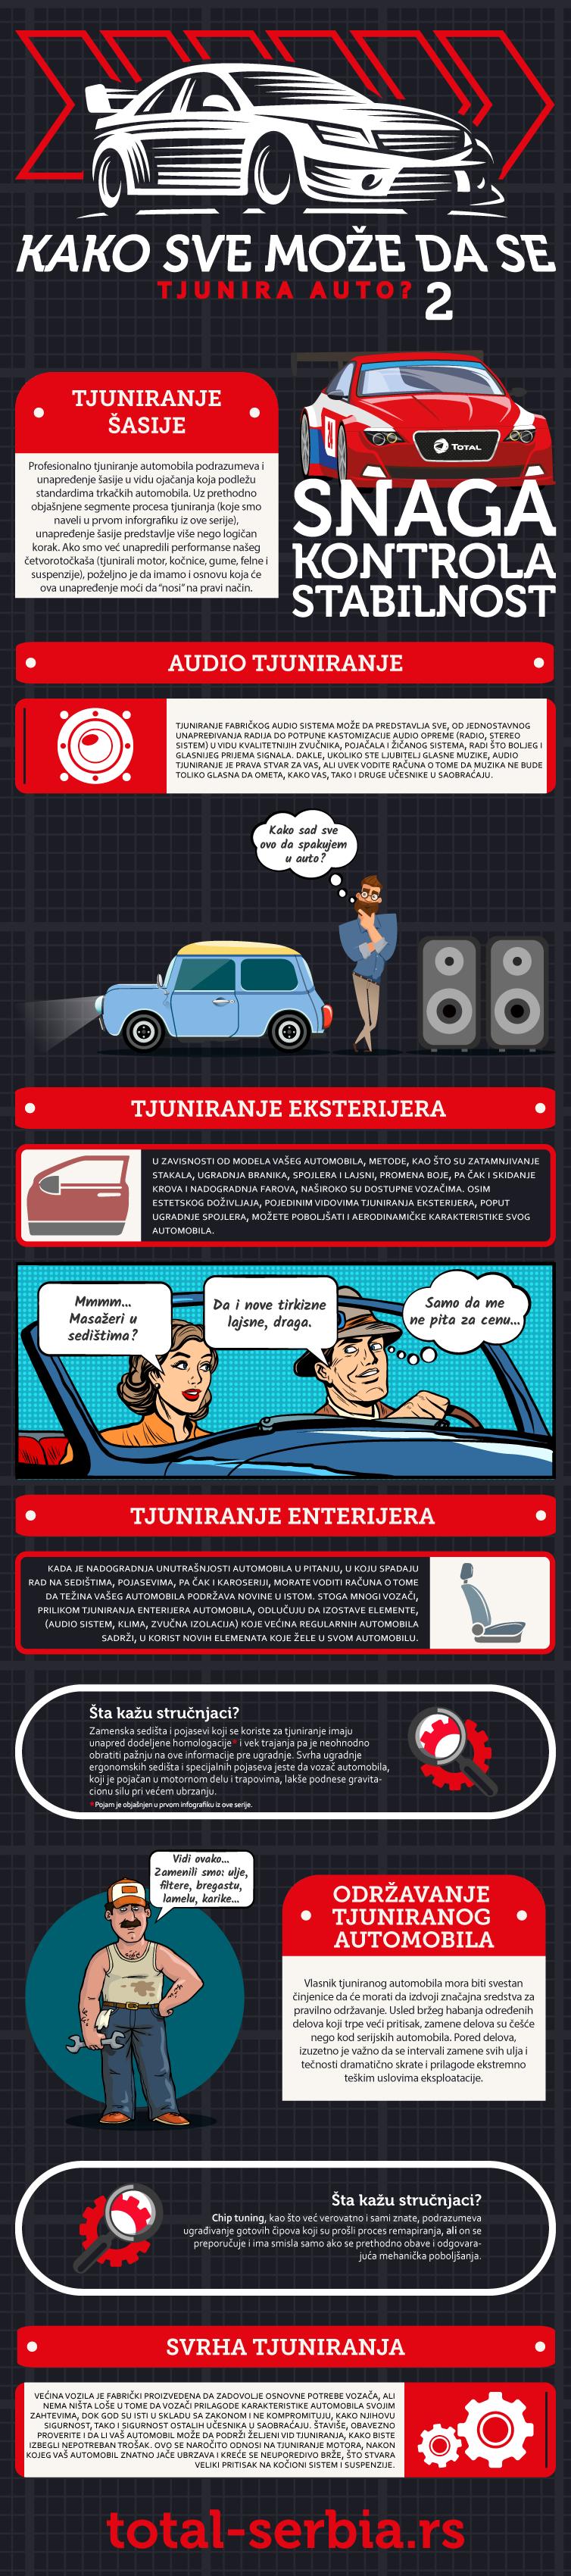 Kako sve može da se tjunira auto